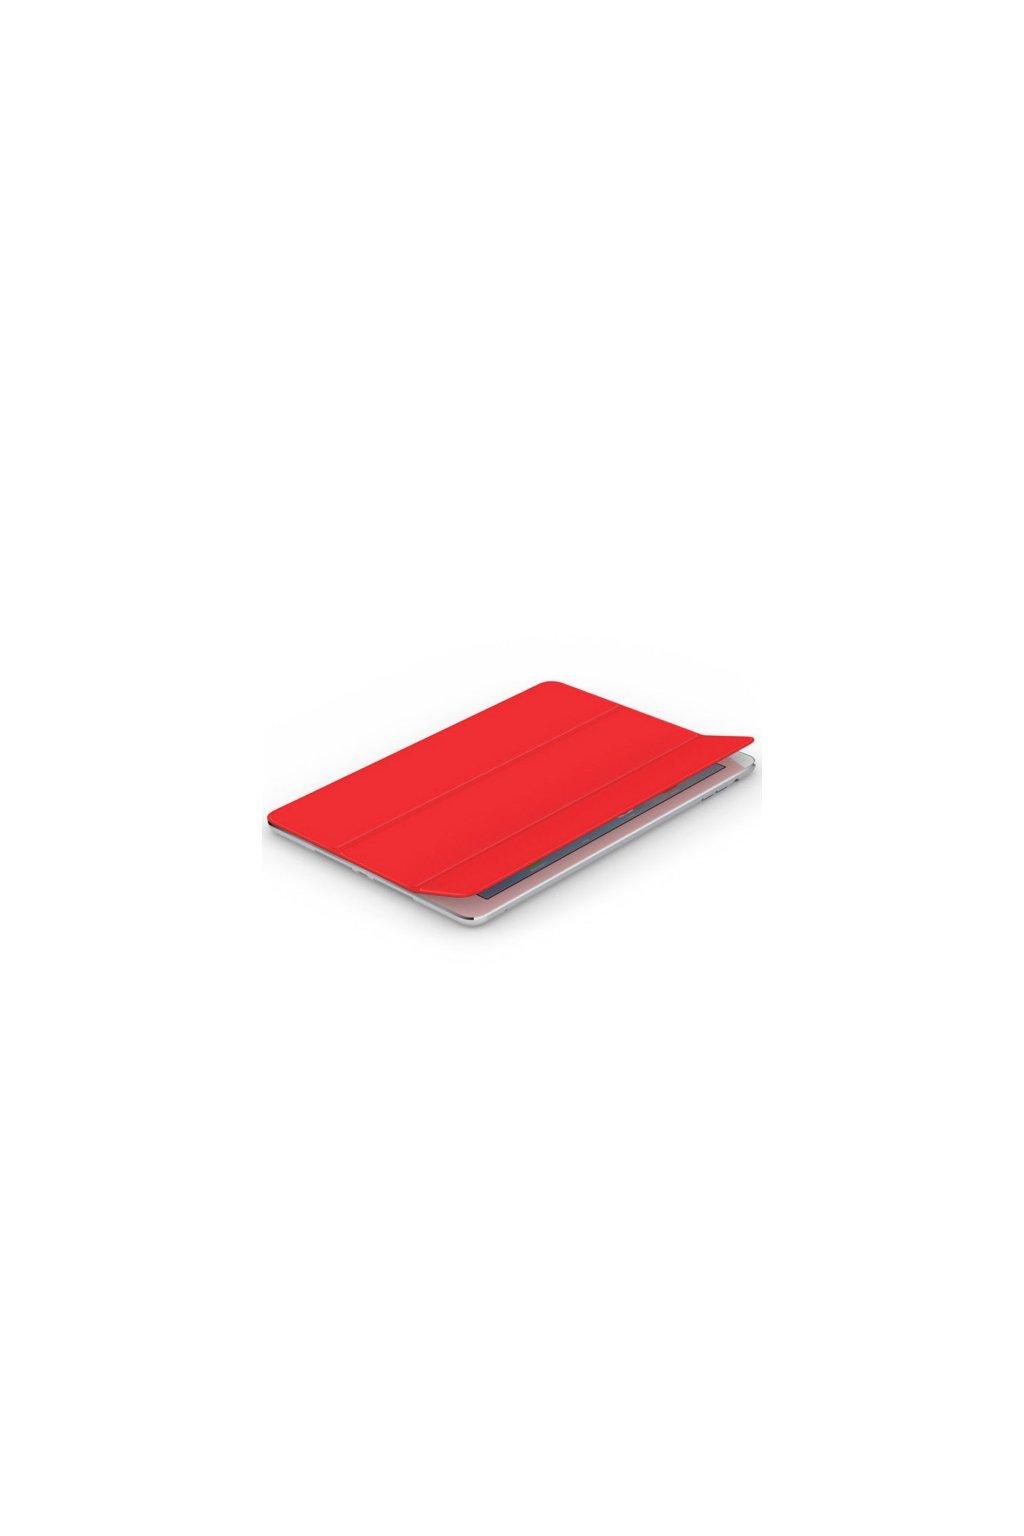 Smart Cover iPad Air/Air 2, red/červená